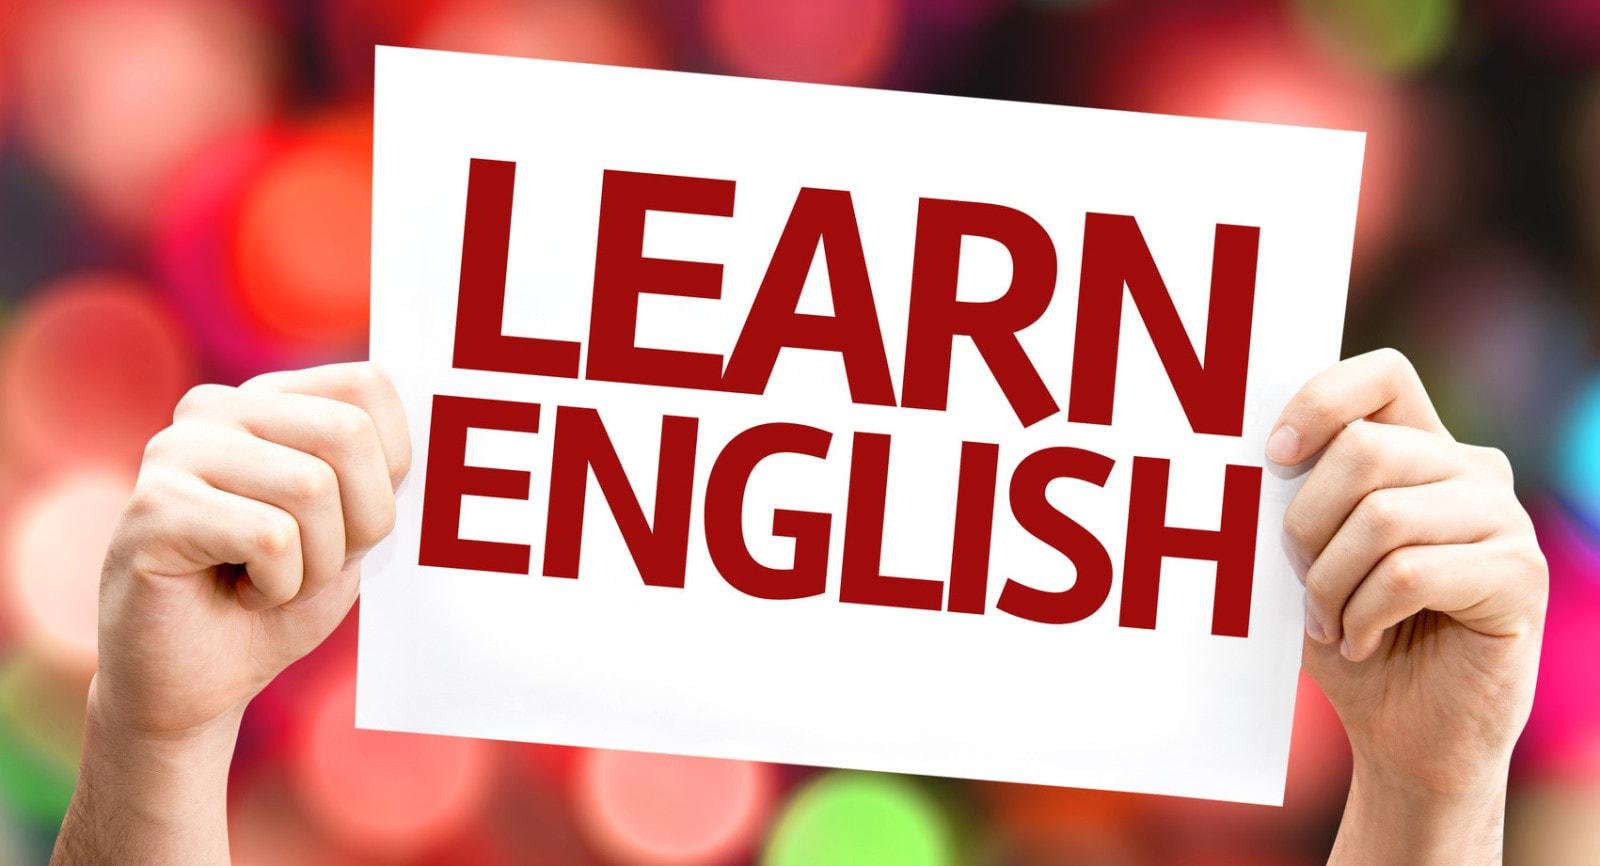 Làm sao để cải thiện kỹ năng nghe tiếng Anh hiệu quả nhất